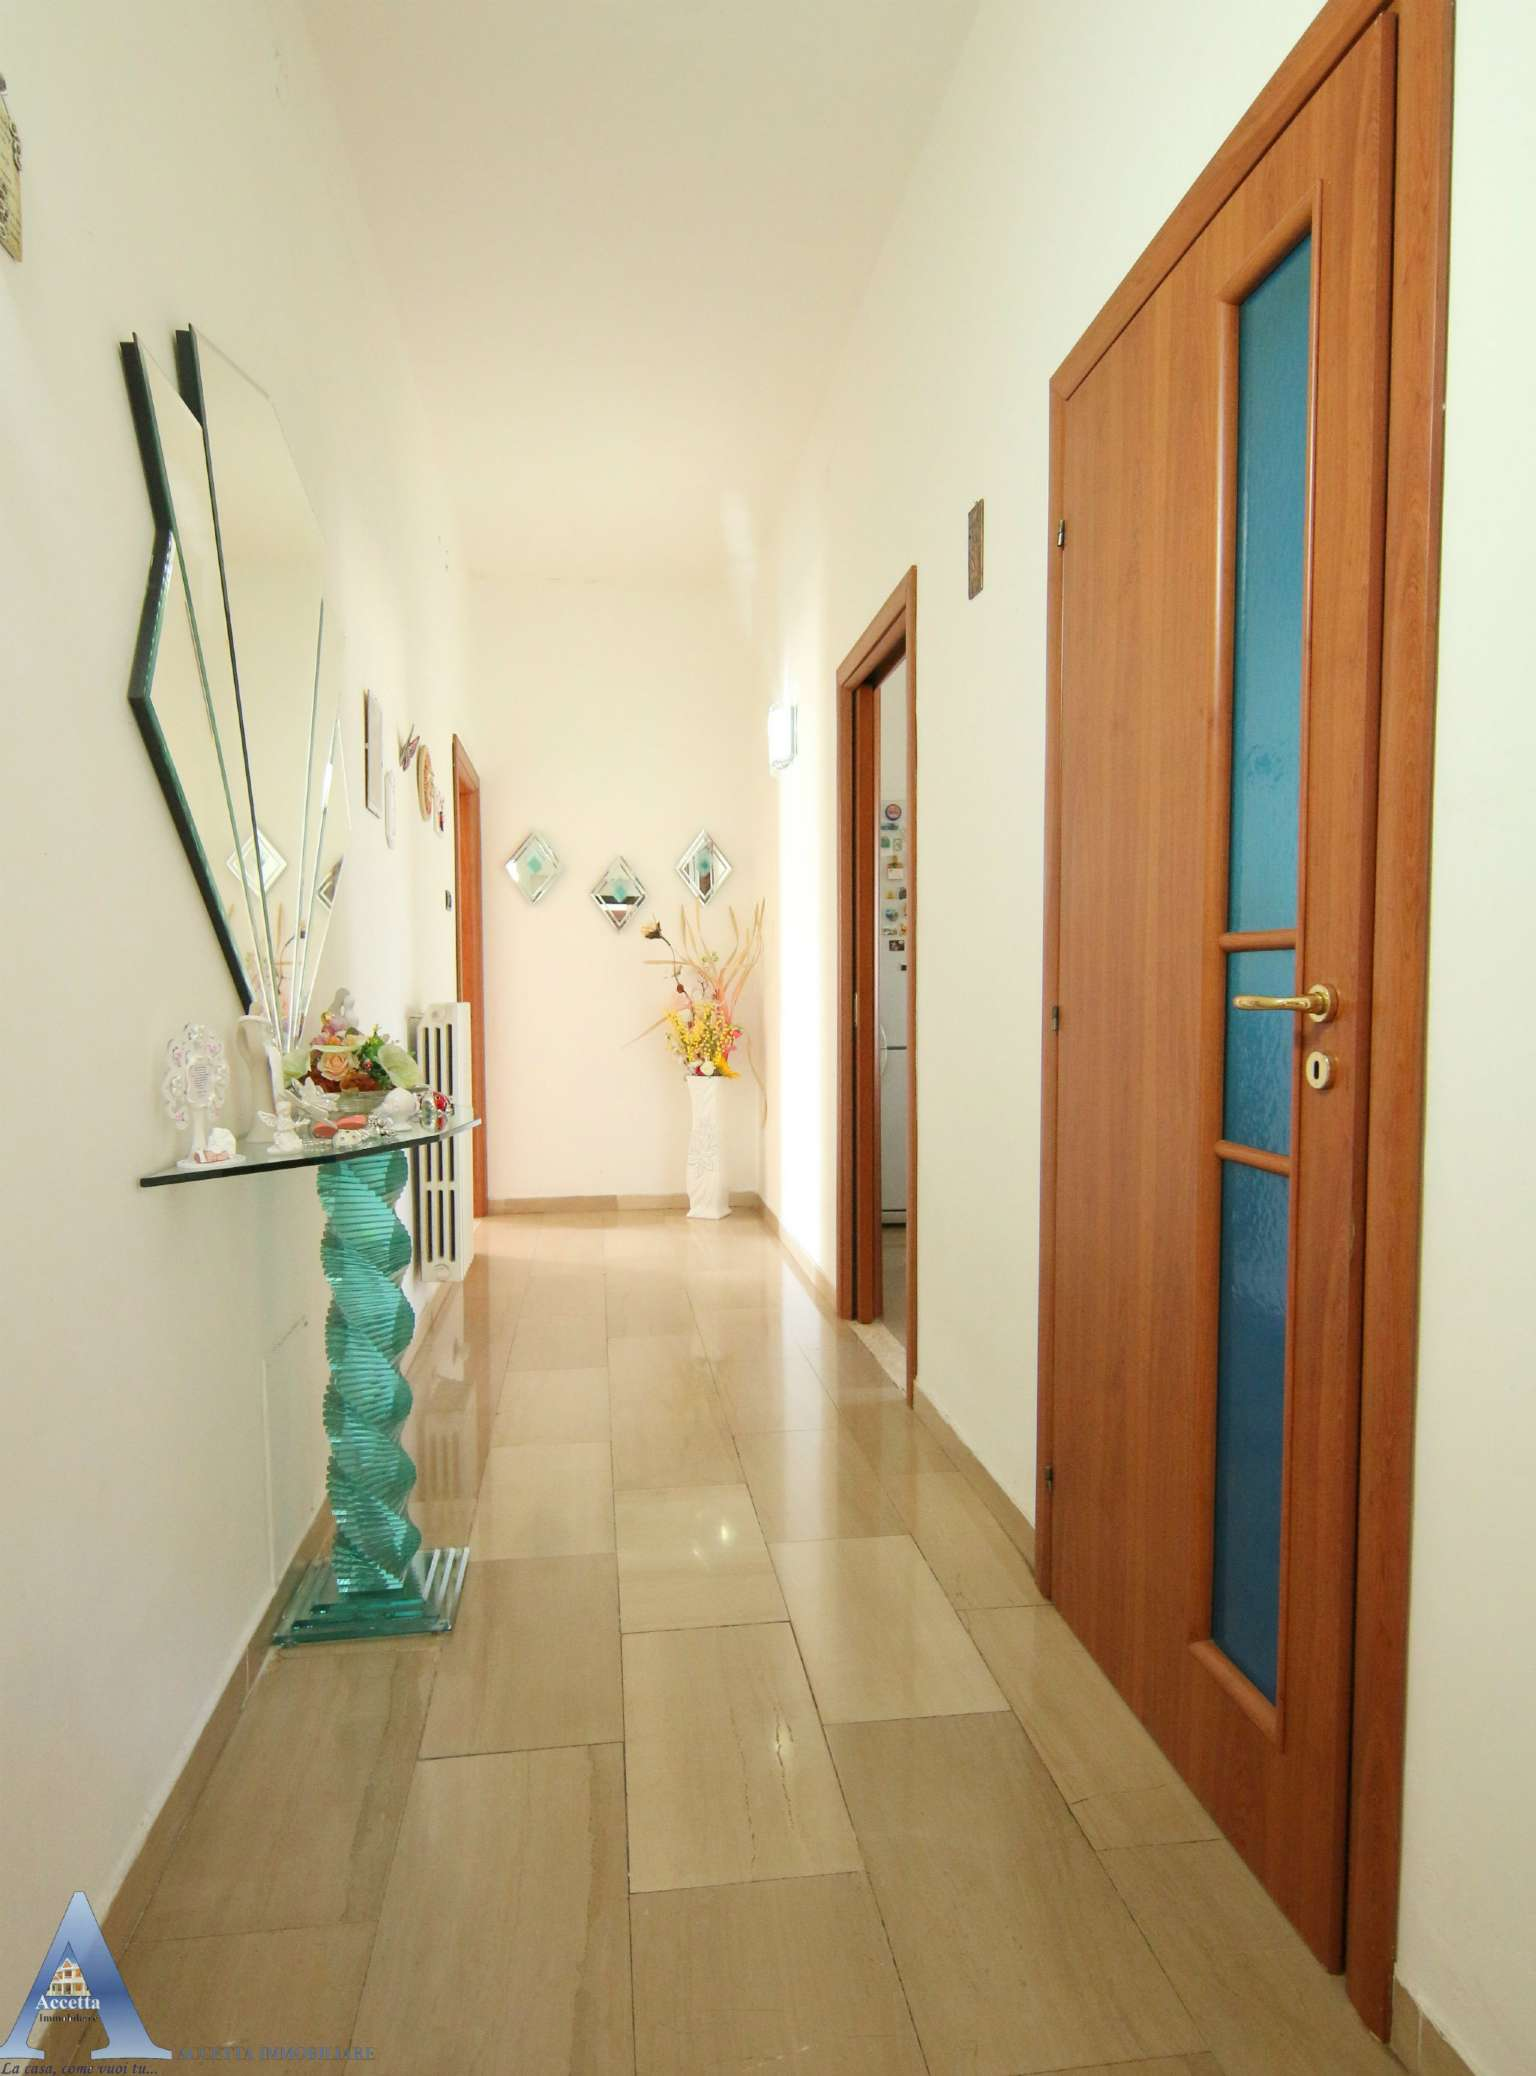 Appartamento in vendita a Taranto, 4 locali, prezzo € 38.000 | CambioCasa.it